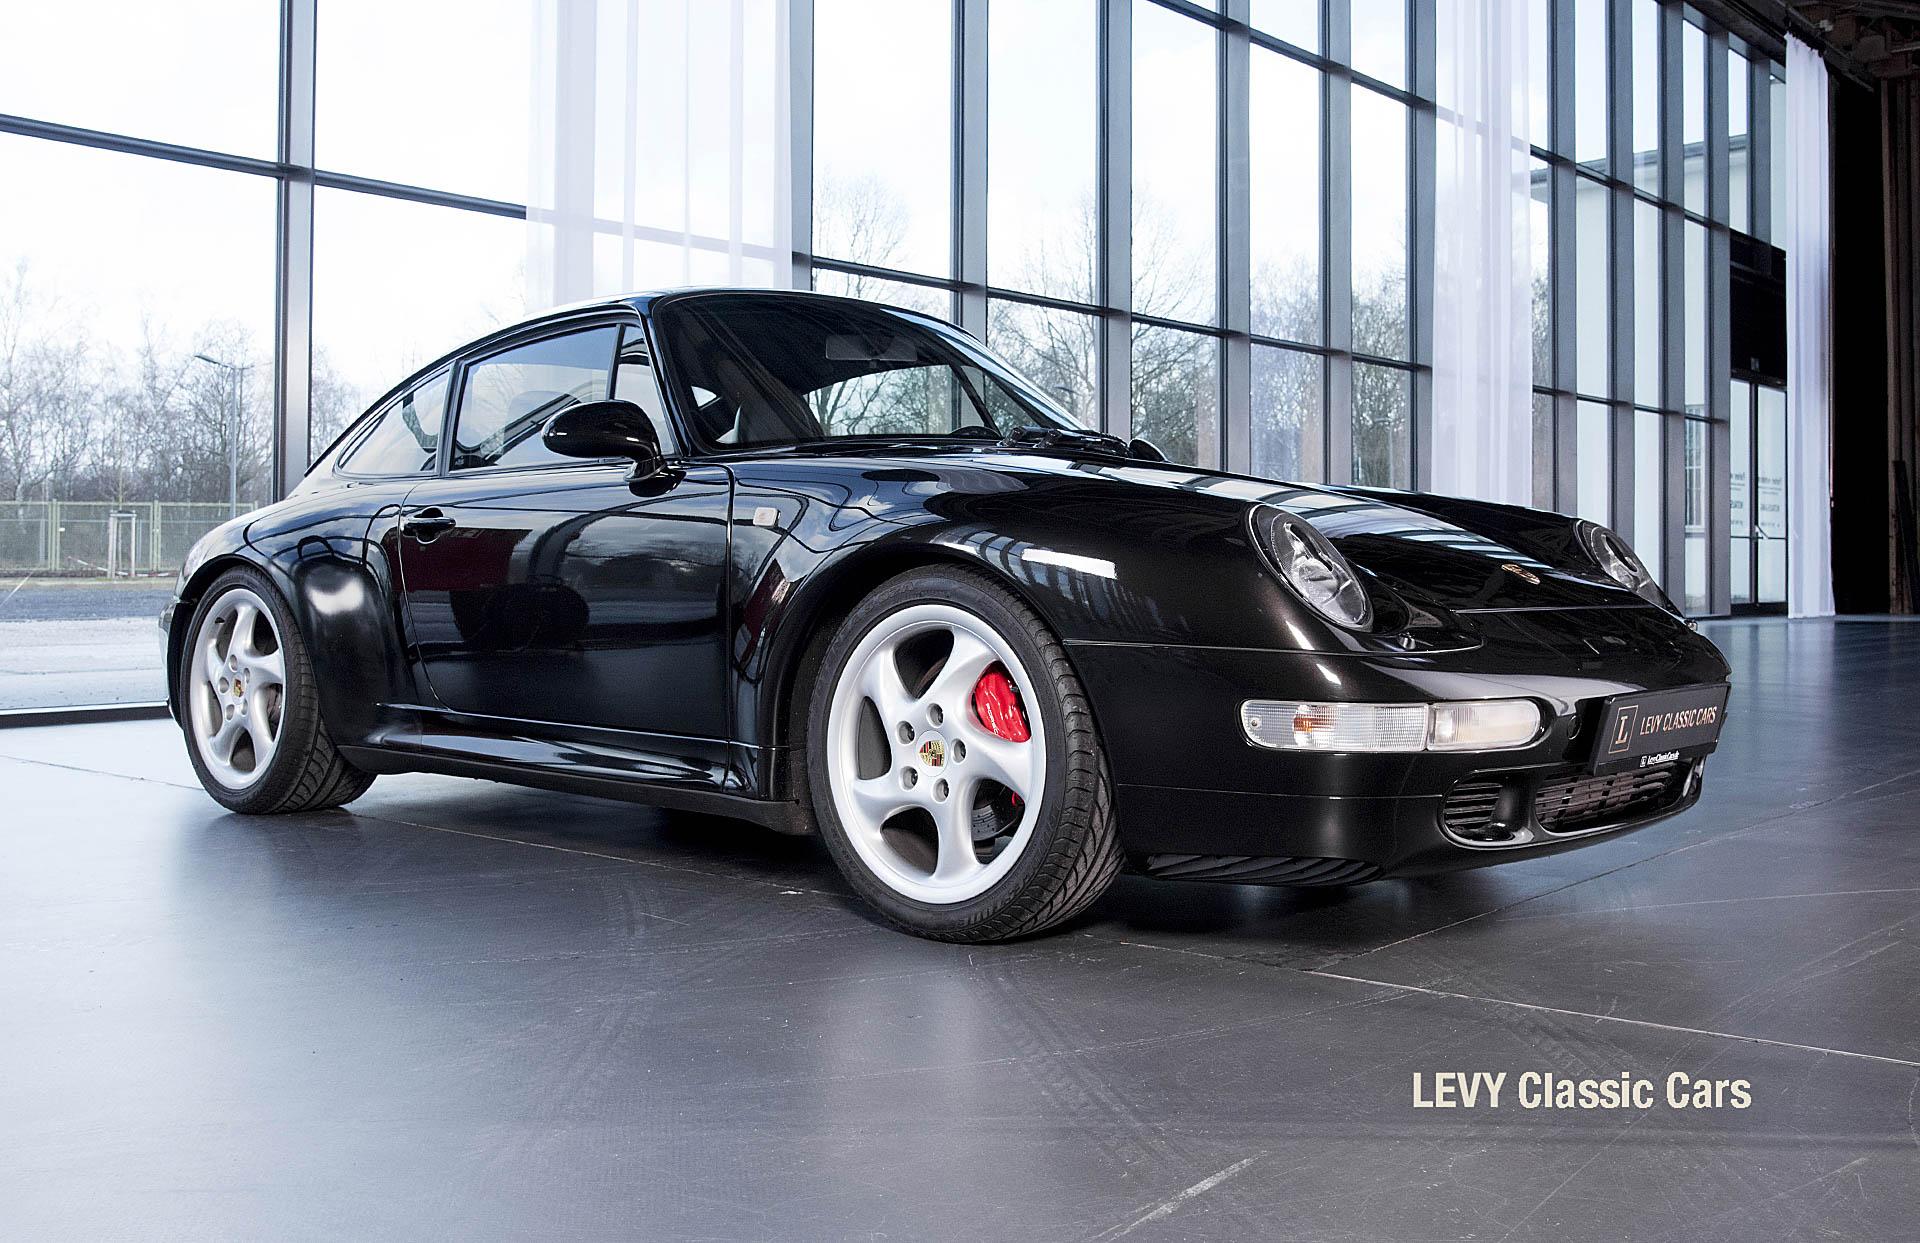 geschaerft Porsche Carrera 2 S 11679 54